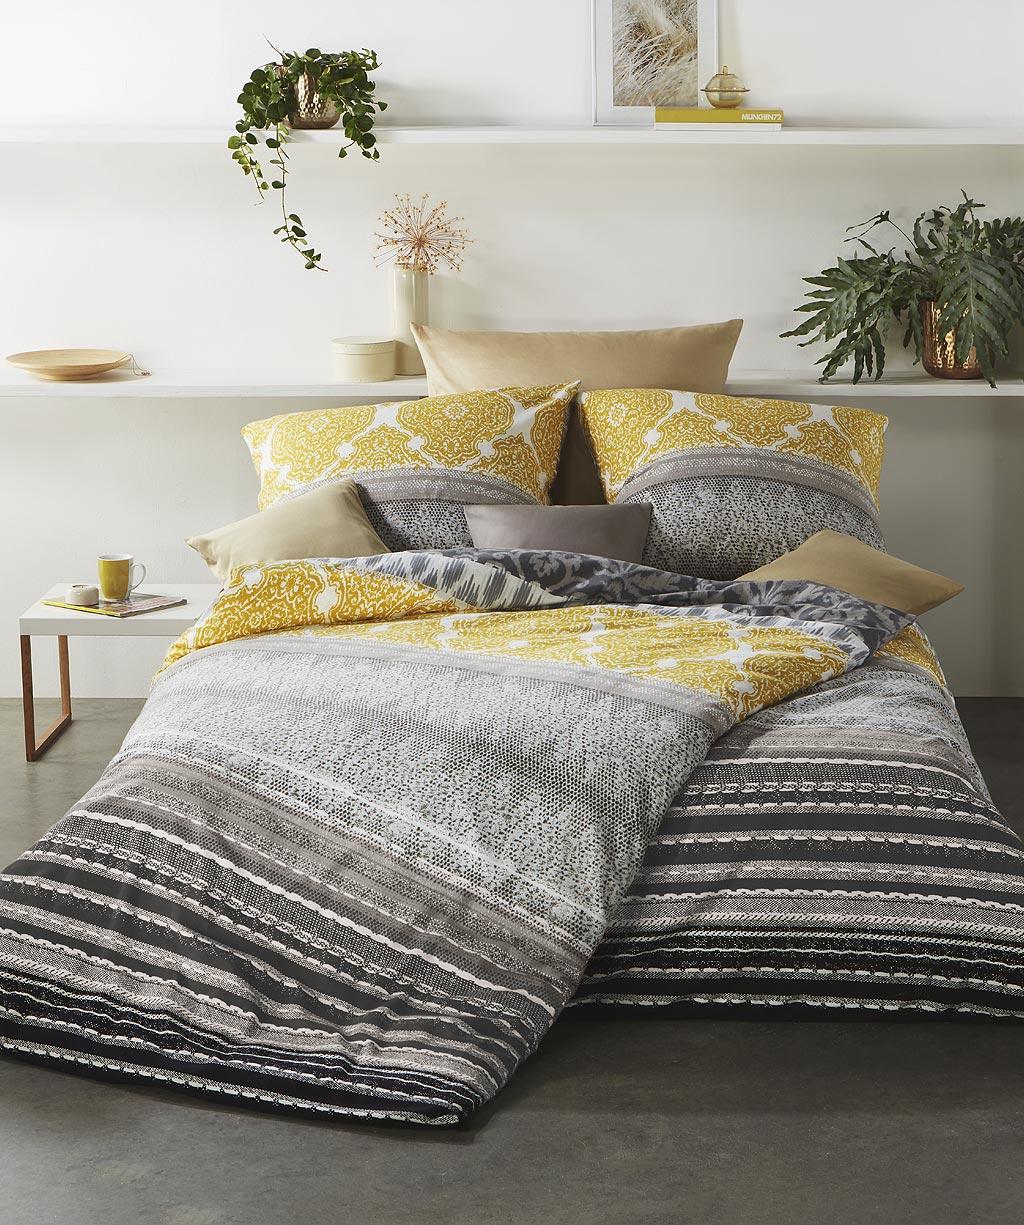 Winterbettwäsche mit gelb grauen Ornamenten aus Fein-Biber